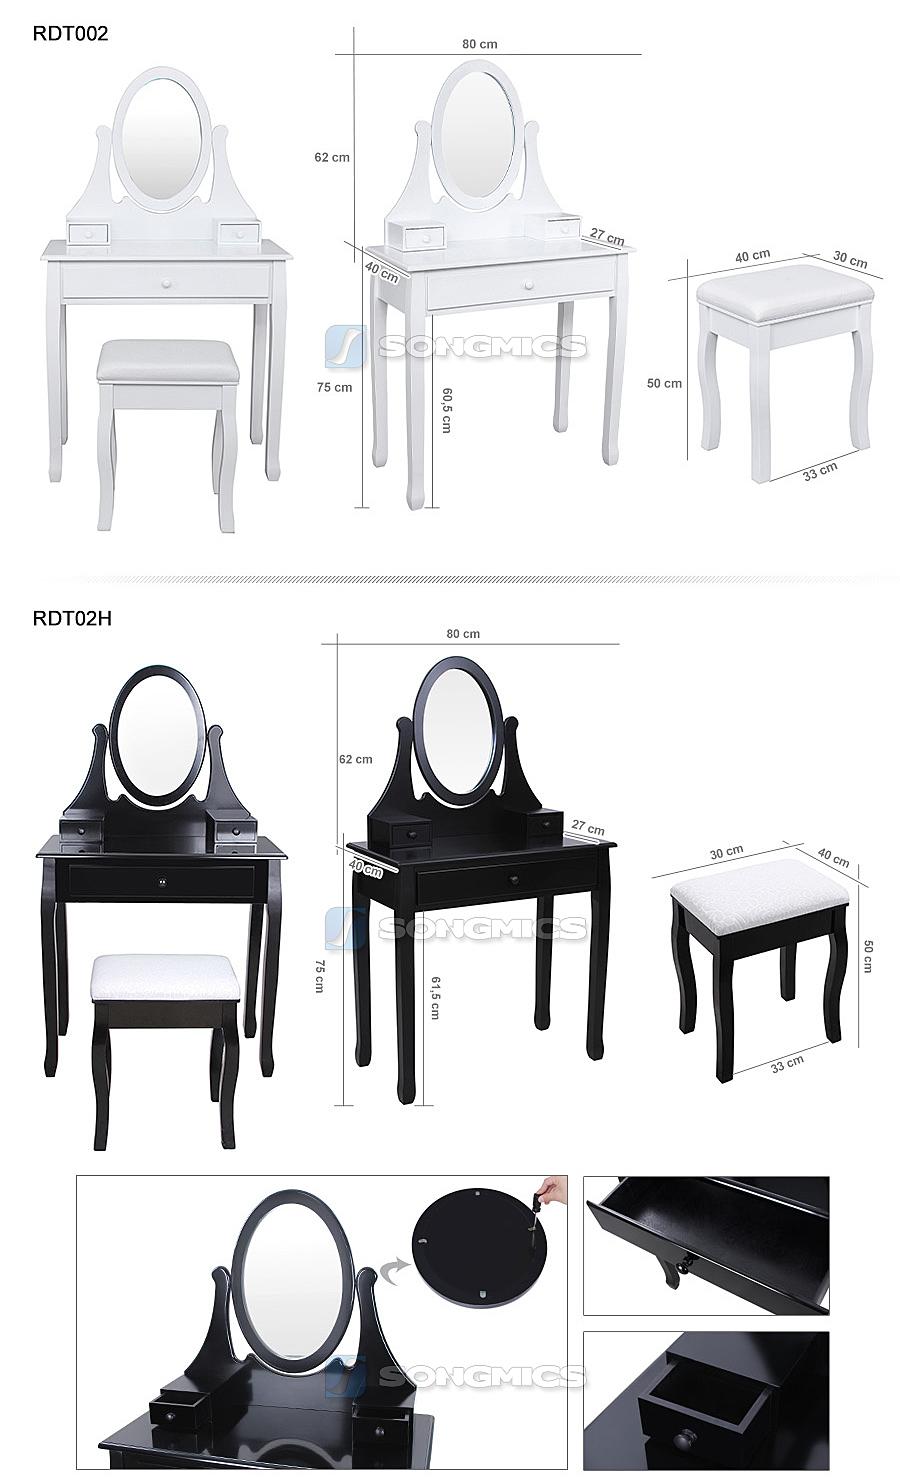 songmics coiffeuse table maquillage et tabouret et tiroir et miroir pivotant rdt. Black Bedroom Furniture Sets. Home Design Ideas